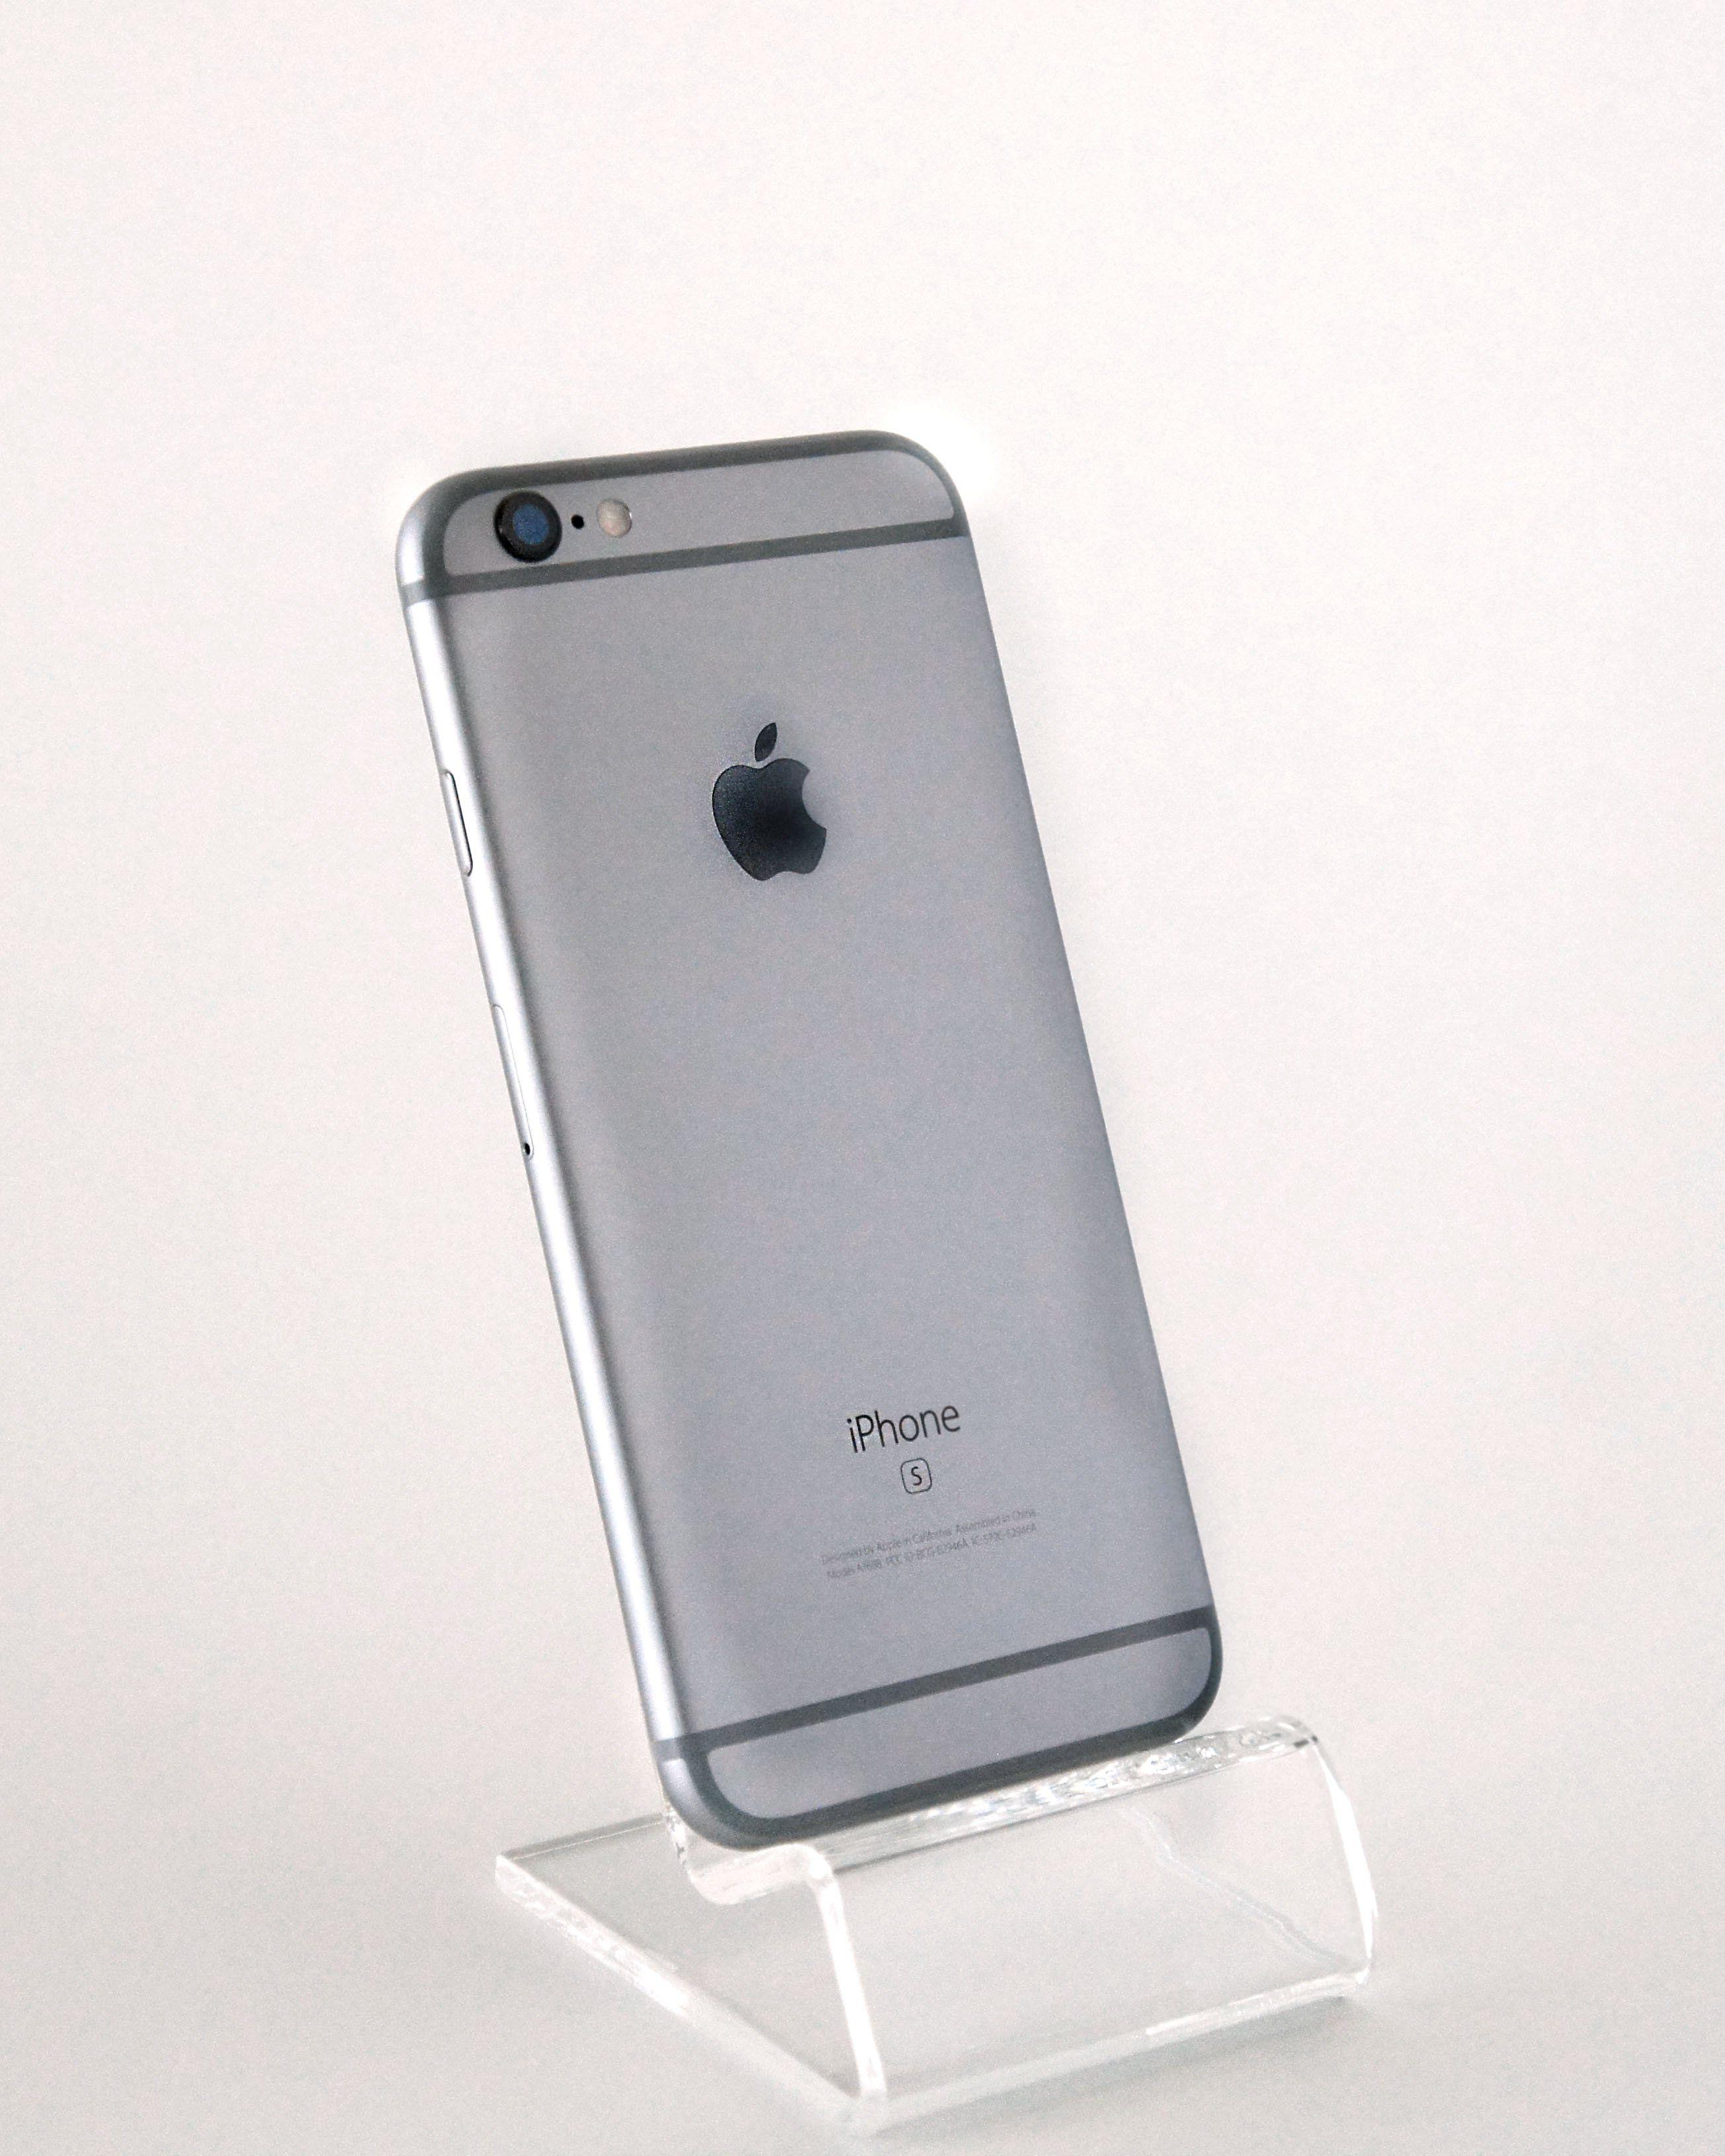 ab70d363b3 iPhone 6s Plus #phones #ix #phone #iphonex #apple #i8 #cashpanda  #usedphones #deals #iphone8